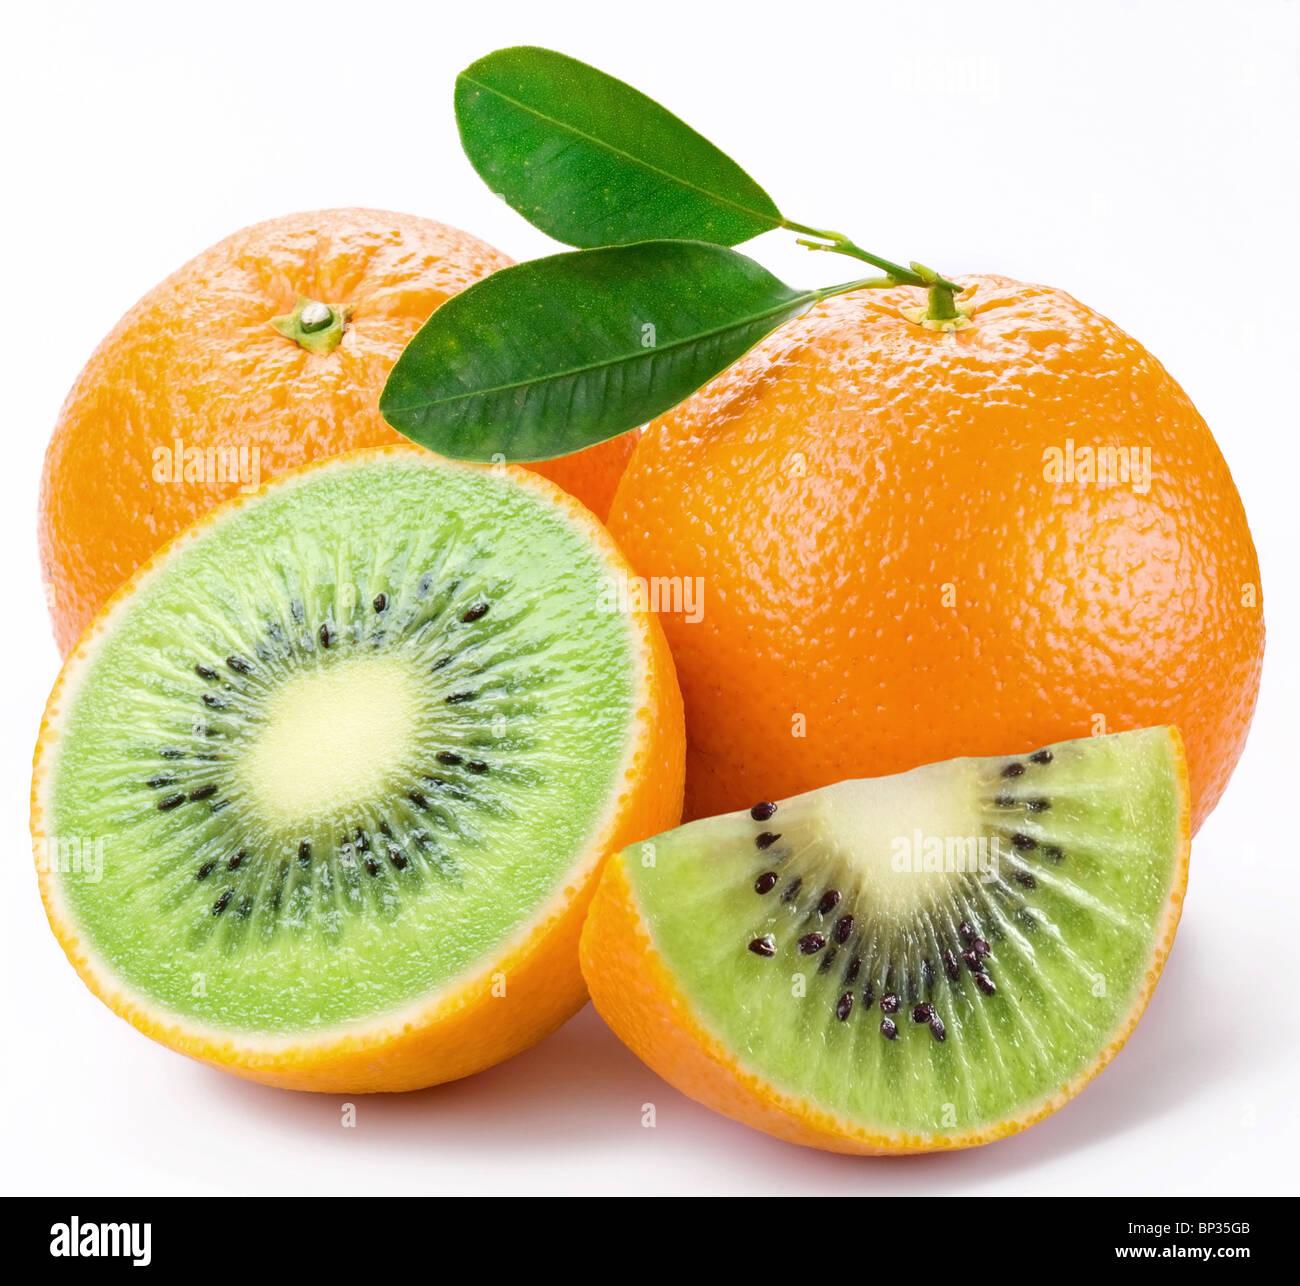 Flesh kiwi cut ripe orange. Product of genetic engineering. Computer assembly. - Stock Image